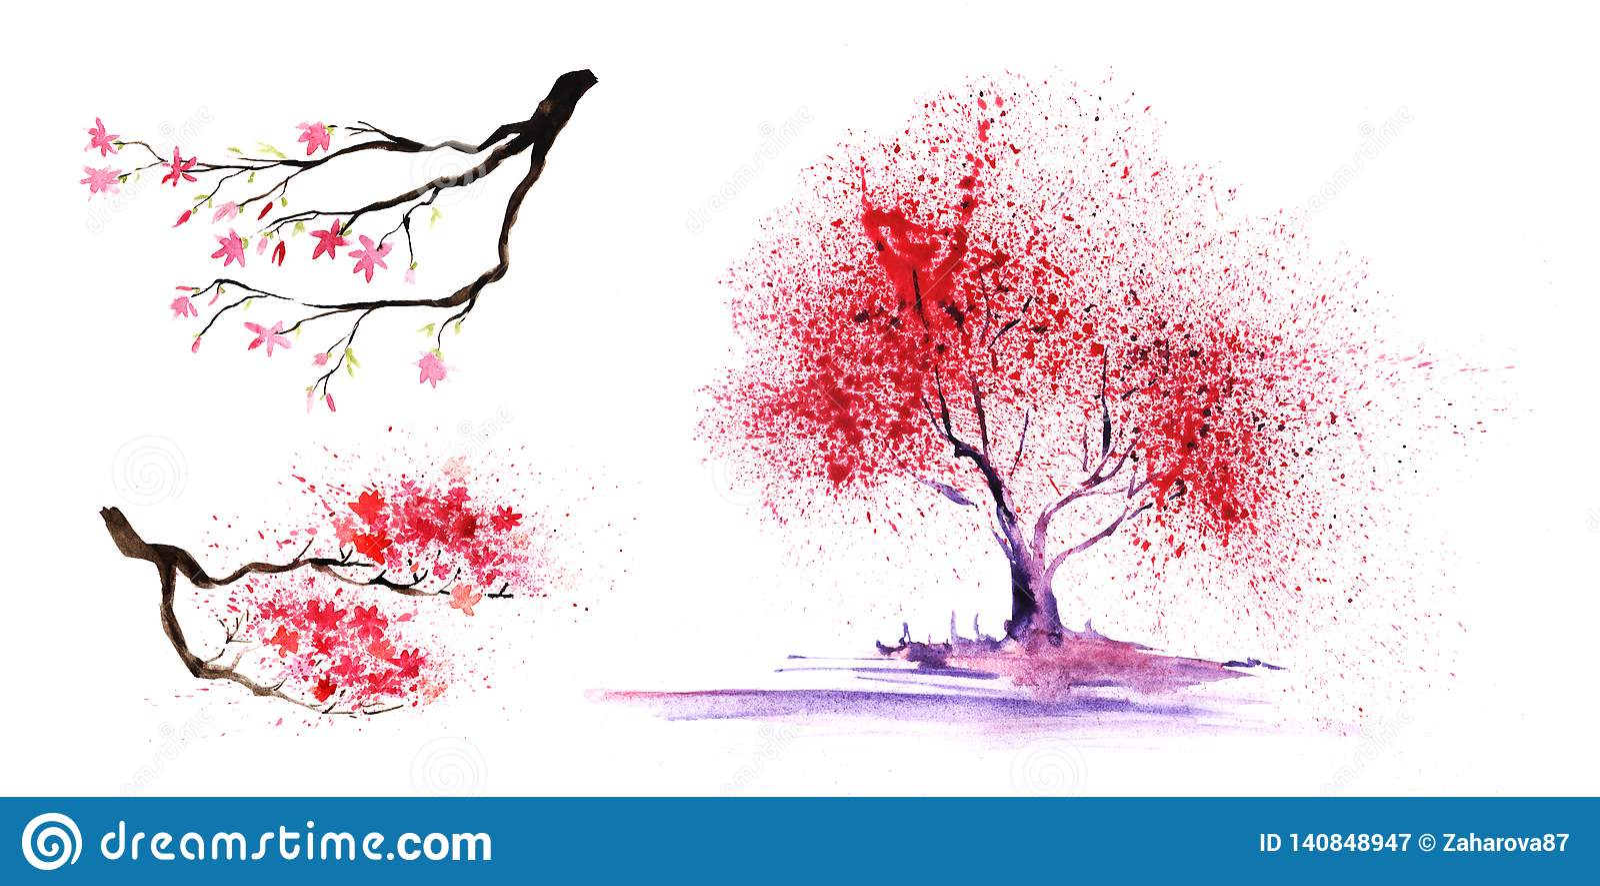 Σύνολο eelements thtree Αφηρημένοι χρώμα-δέντρο και κλάδοι με μια θαυμάσια κορώνα Hand-drawn απεικόνιση watercolor